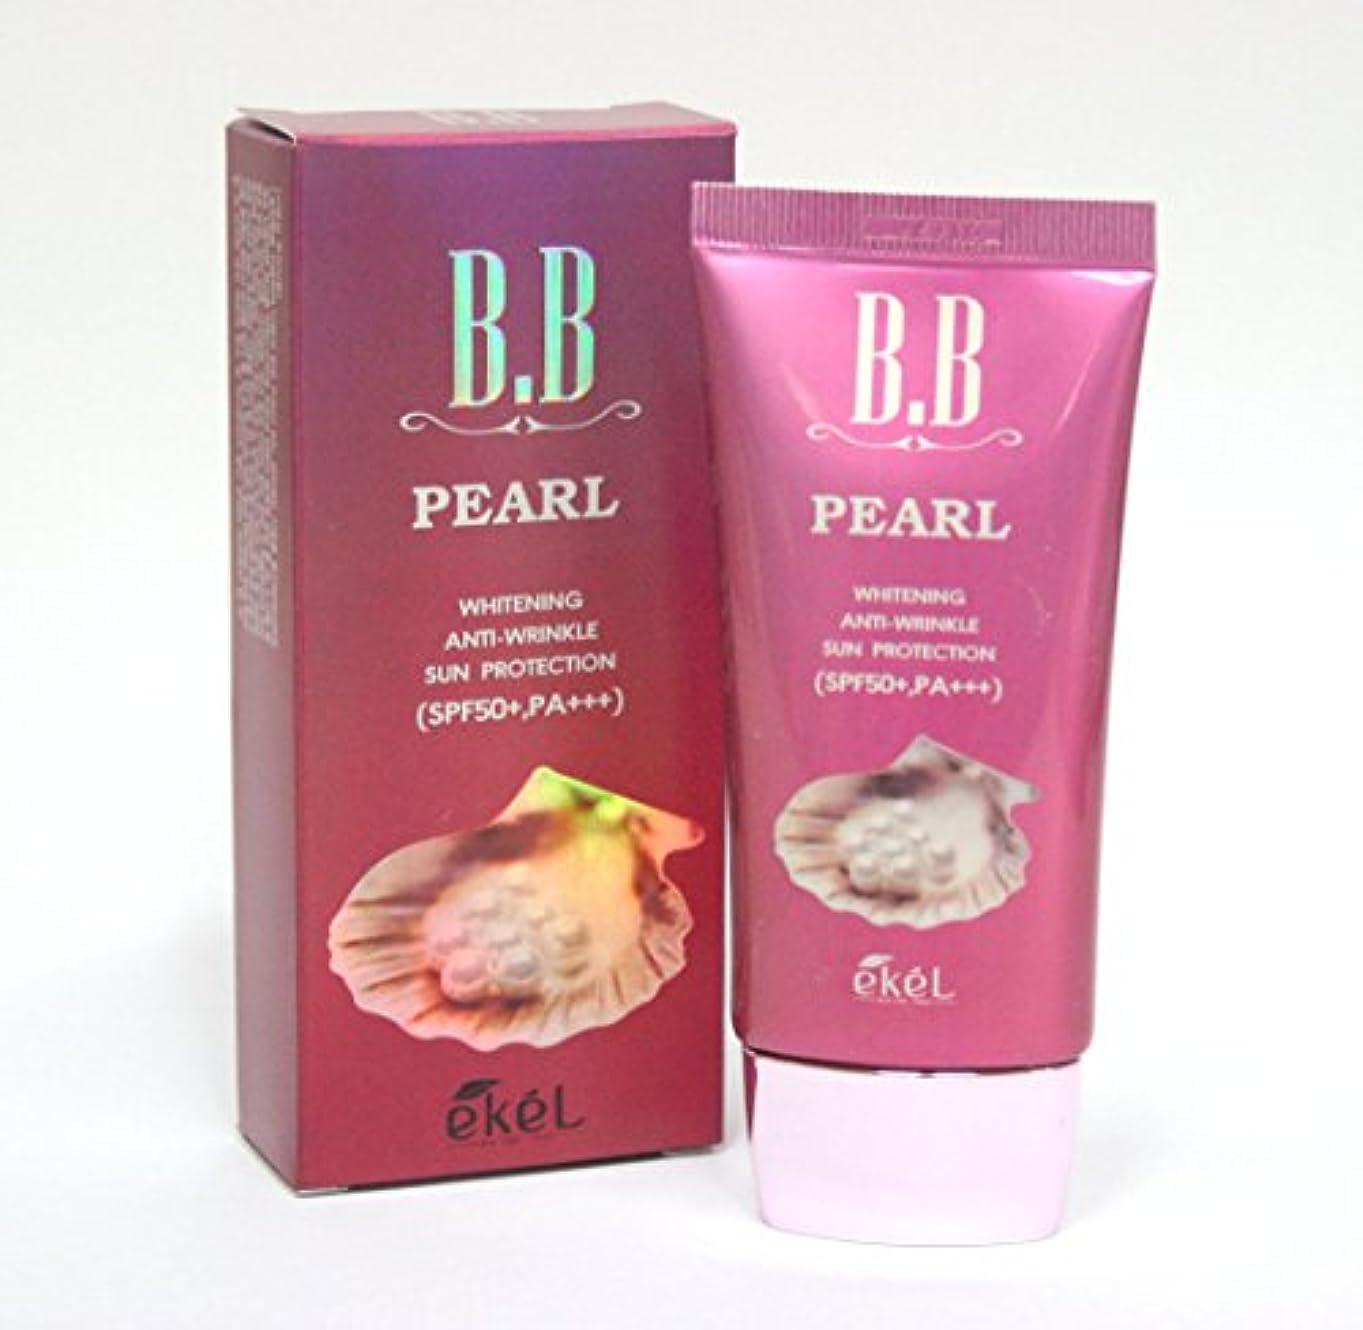 密輸恒久的シプリー[Ekel] パールBBクリーム50ml / Pearl BB Cream 50ml / ホワイトニング、アンチリンクル、日焼け防止SPF50 + PA +++ / Whitening, Anti-wrinkle, Sun protection SPF50+ PA+++ / 韓国化粧品 / Korea Cosmetics [並行輸入品]